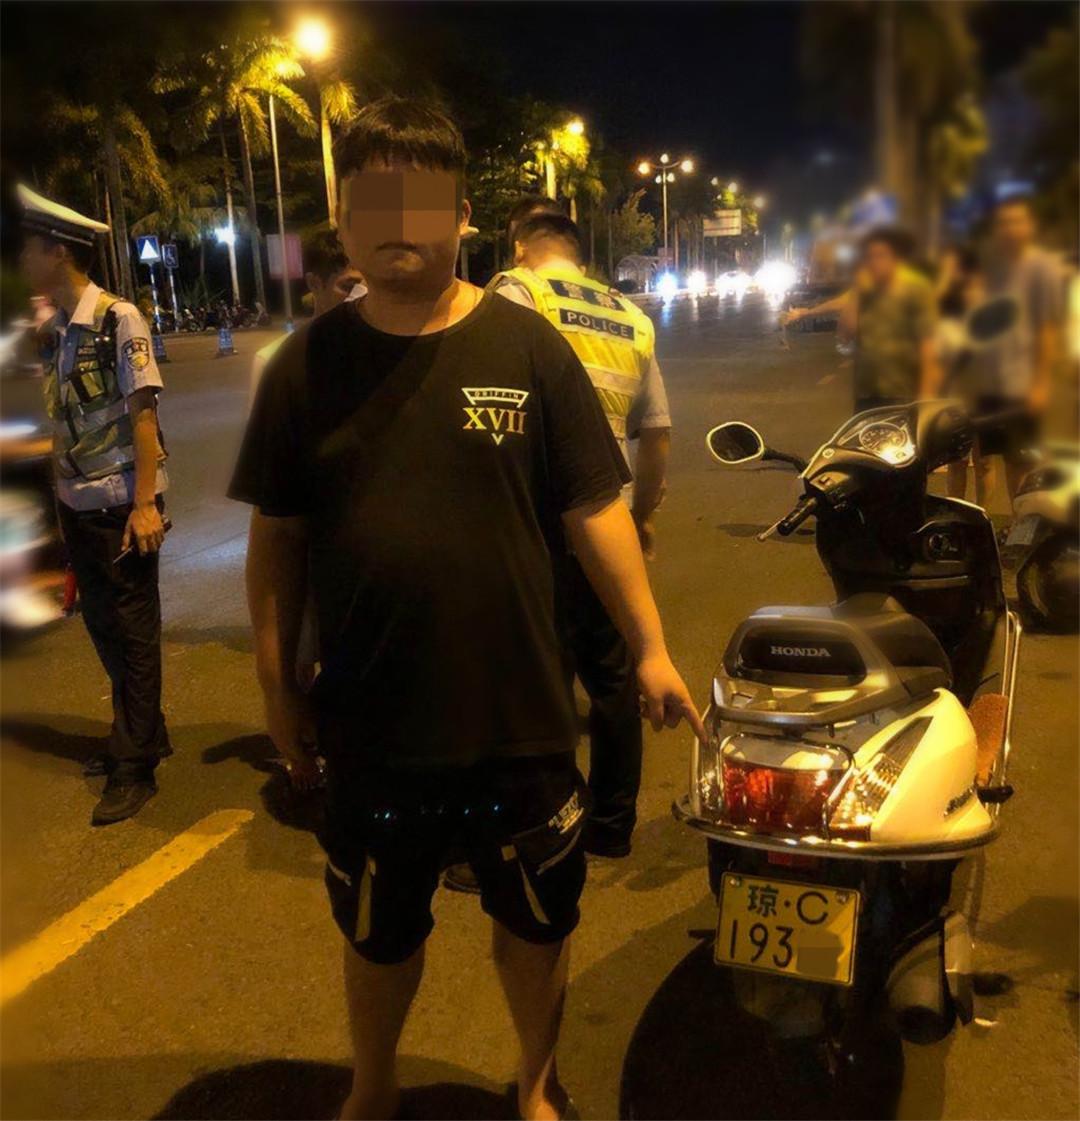 一男子无证+酒驾,琼海公安交警依法拘留没商量